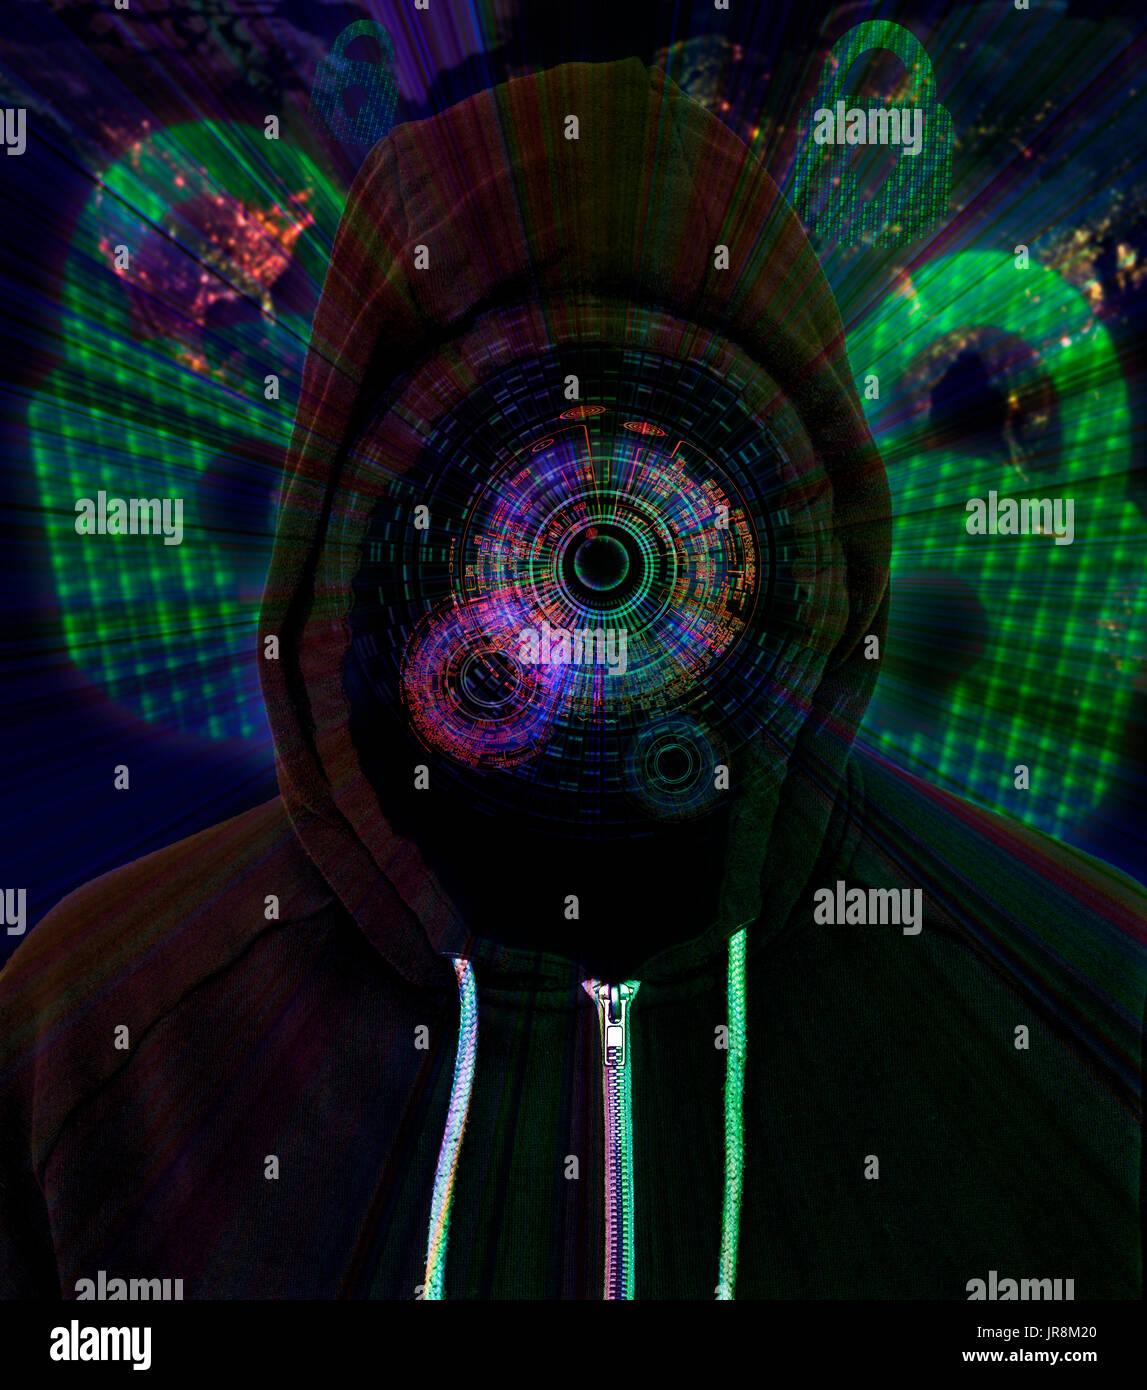 Hacker che indossa un cappuccio nero in alto con un aumento display HUD con lucchetti e codice binario in background Immagini Stock